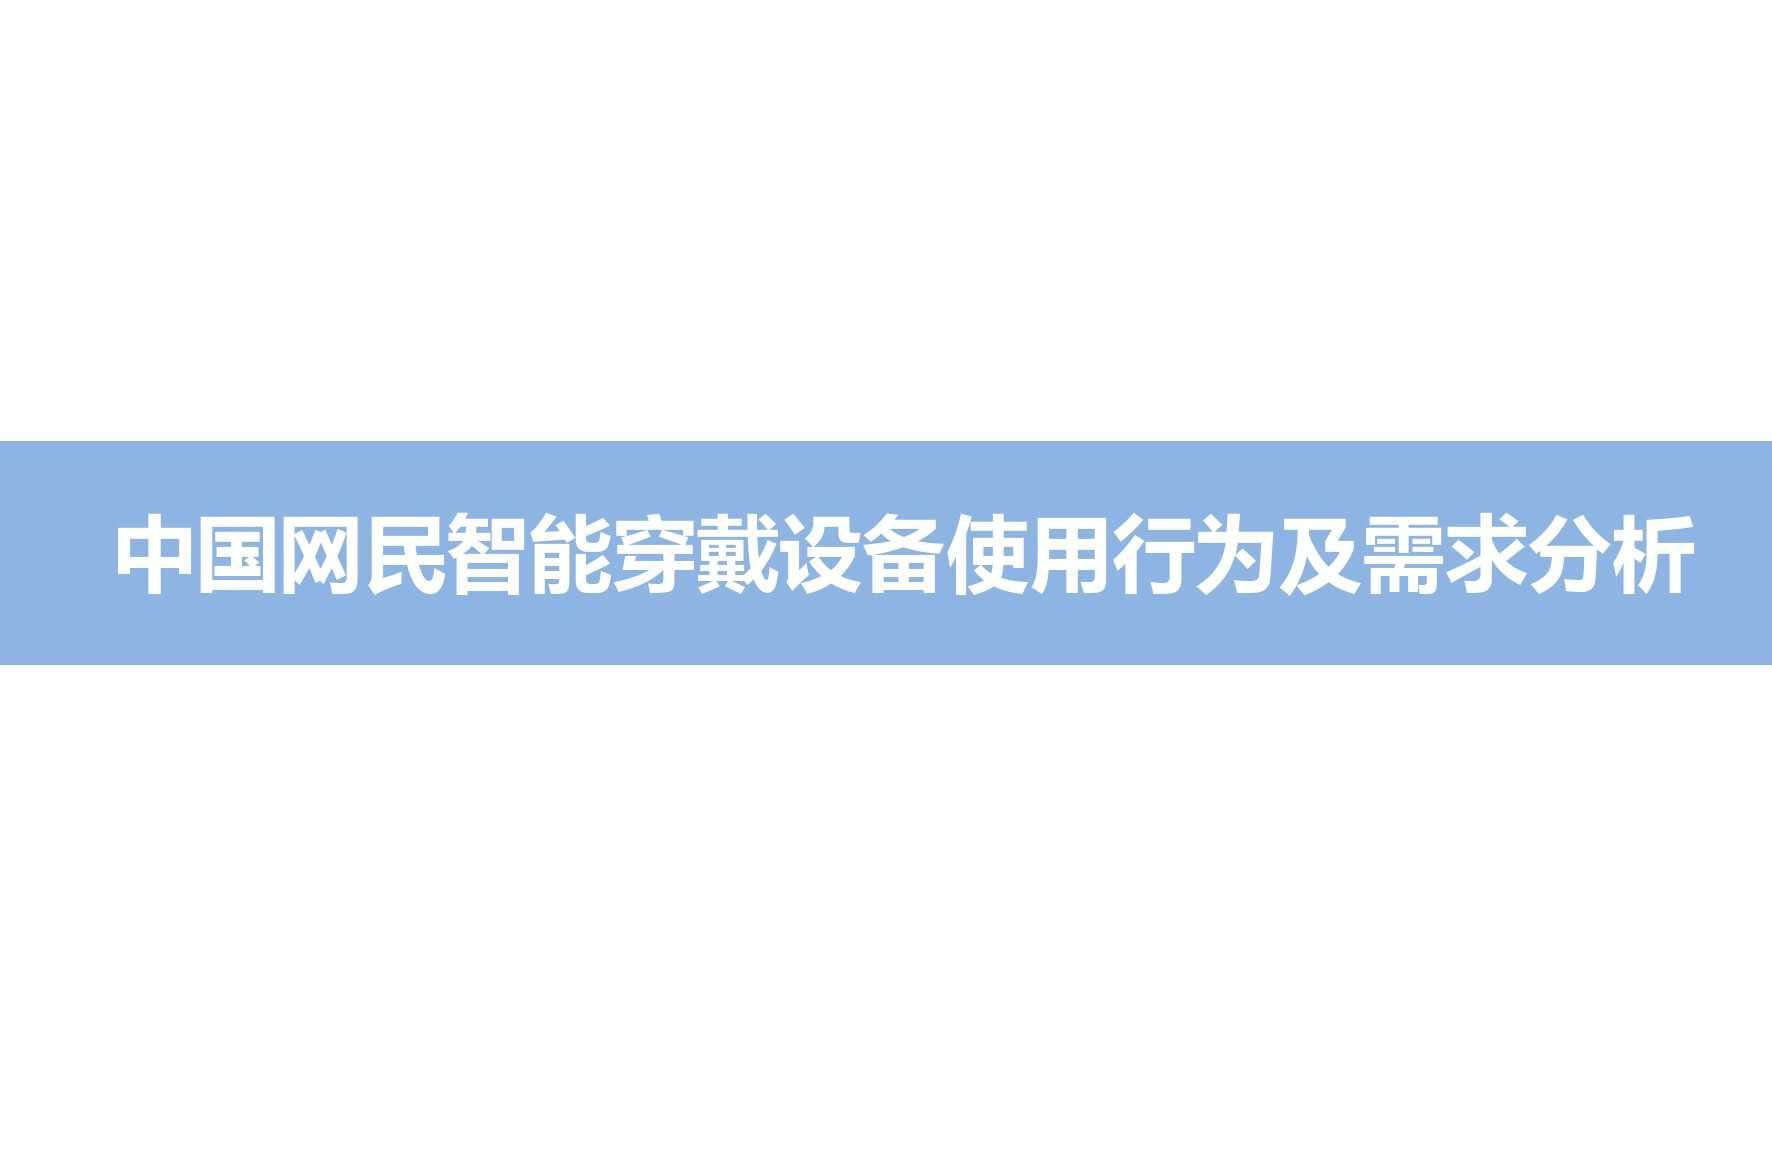 """艾媒咨询:2015年中国""""互联网+""""体育研究_000033"""